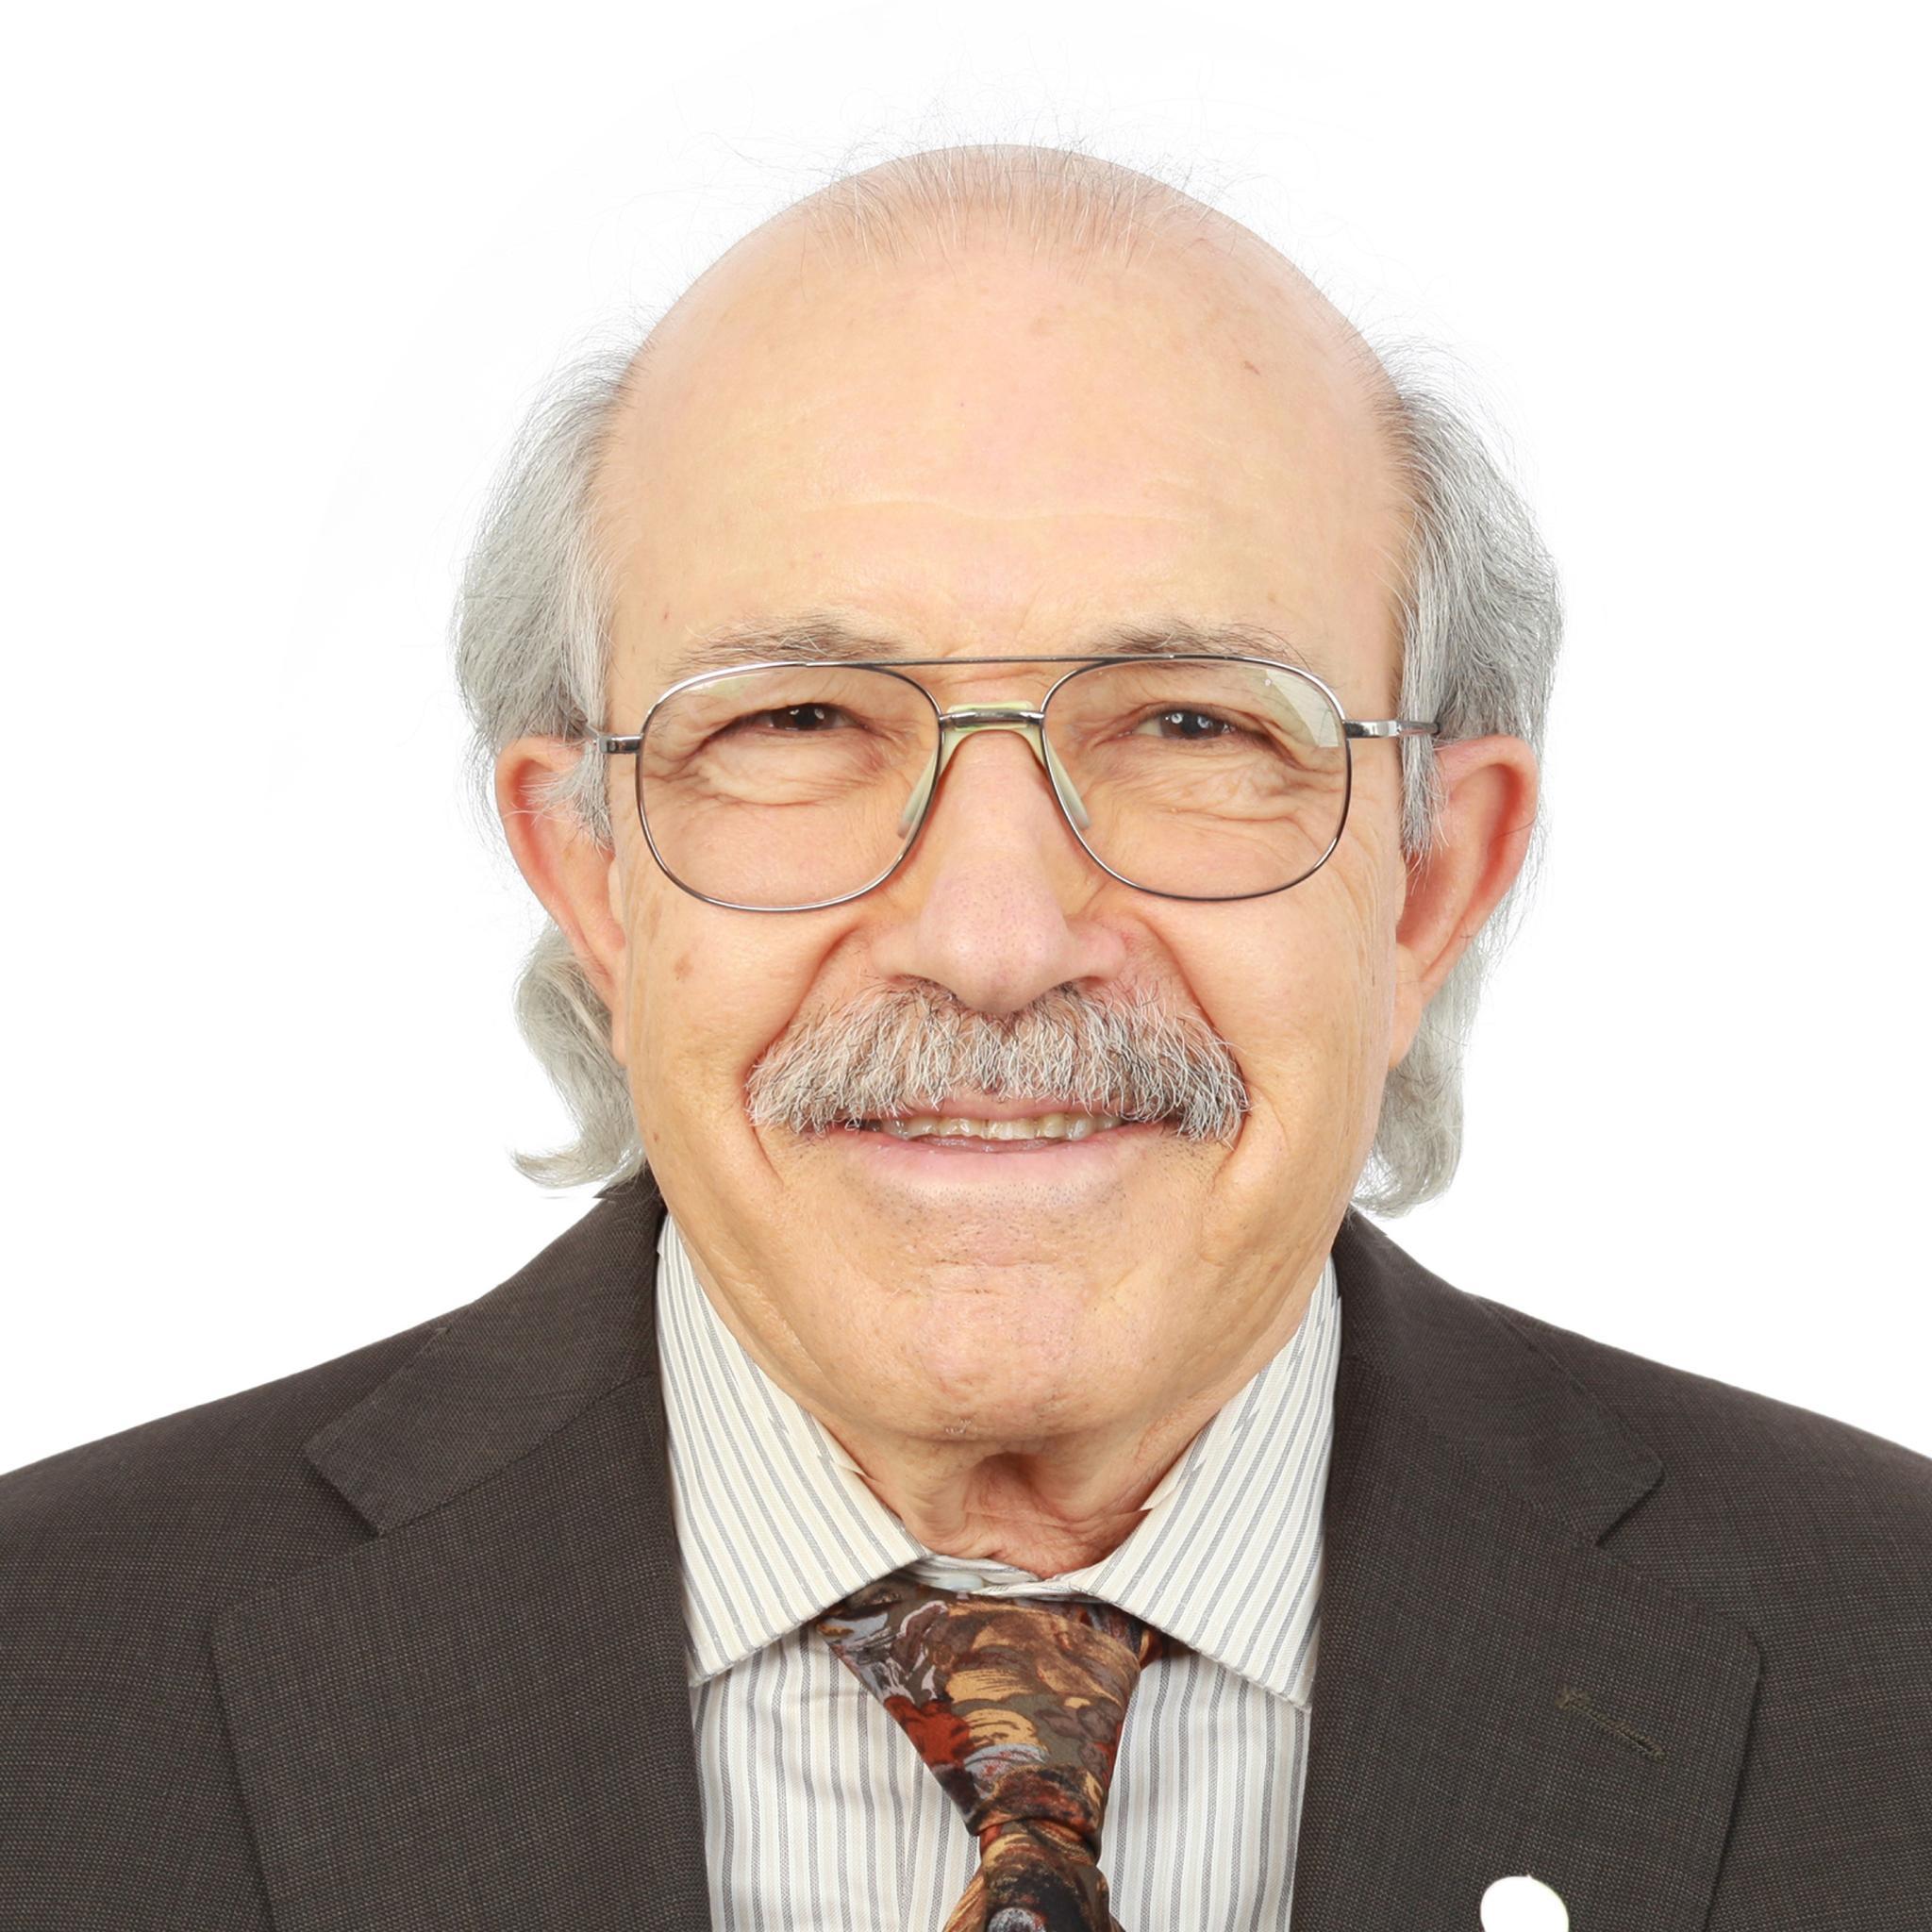 Mahmoud Abdulbaqi